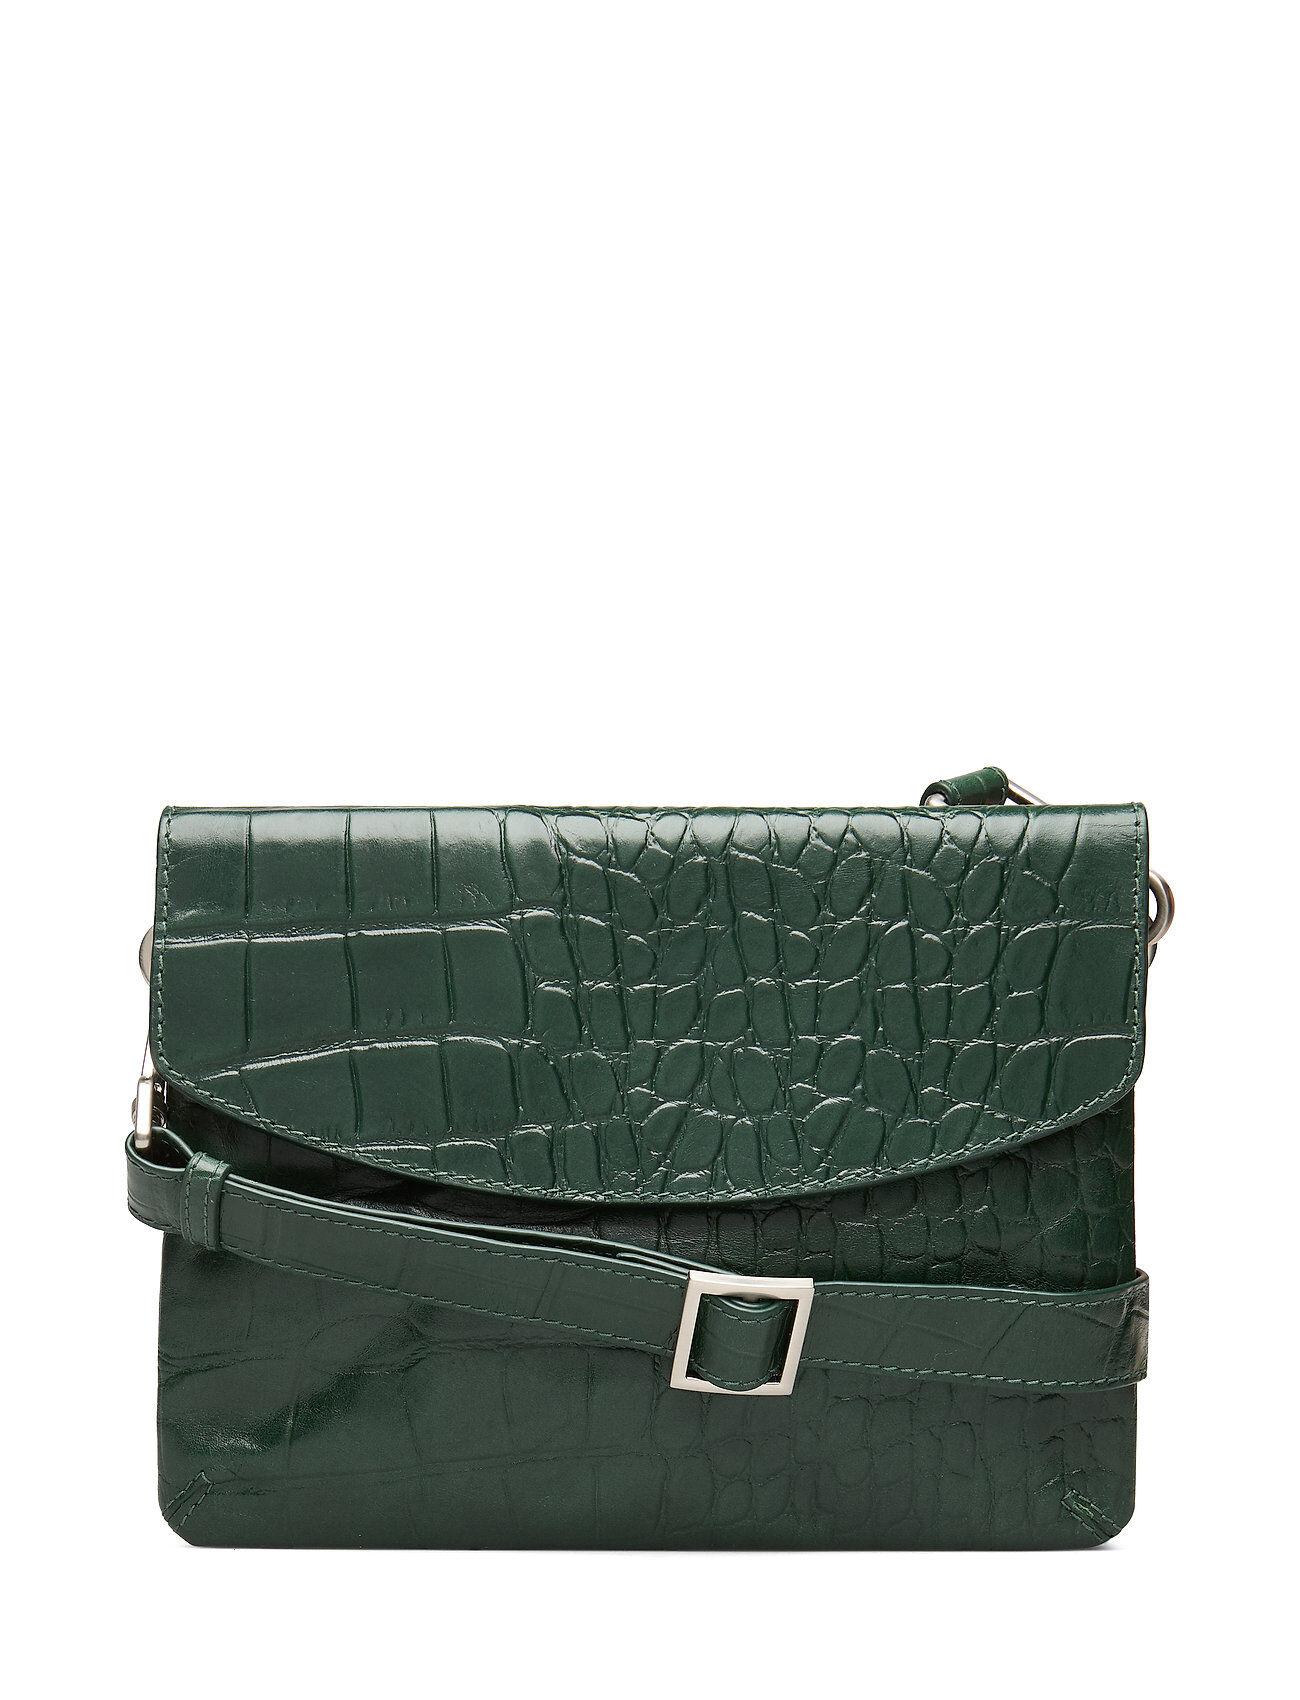 Adax Teramo Shoulder Bag Malou Bags Small Shoulder Bags - Crossbody Bags Vihreä Adax